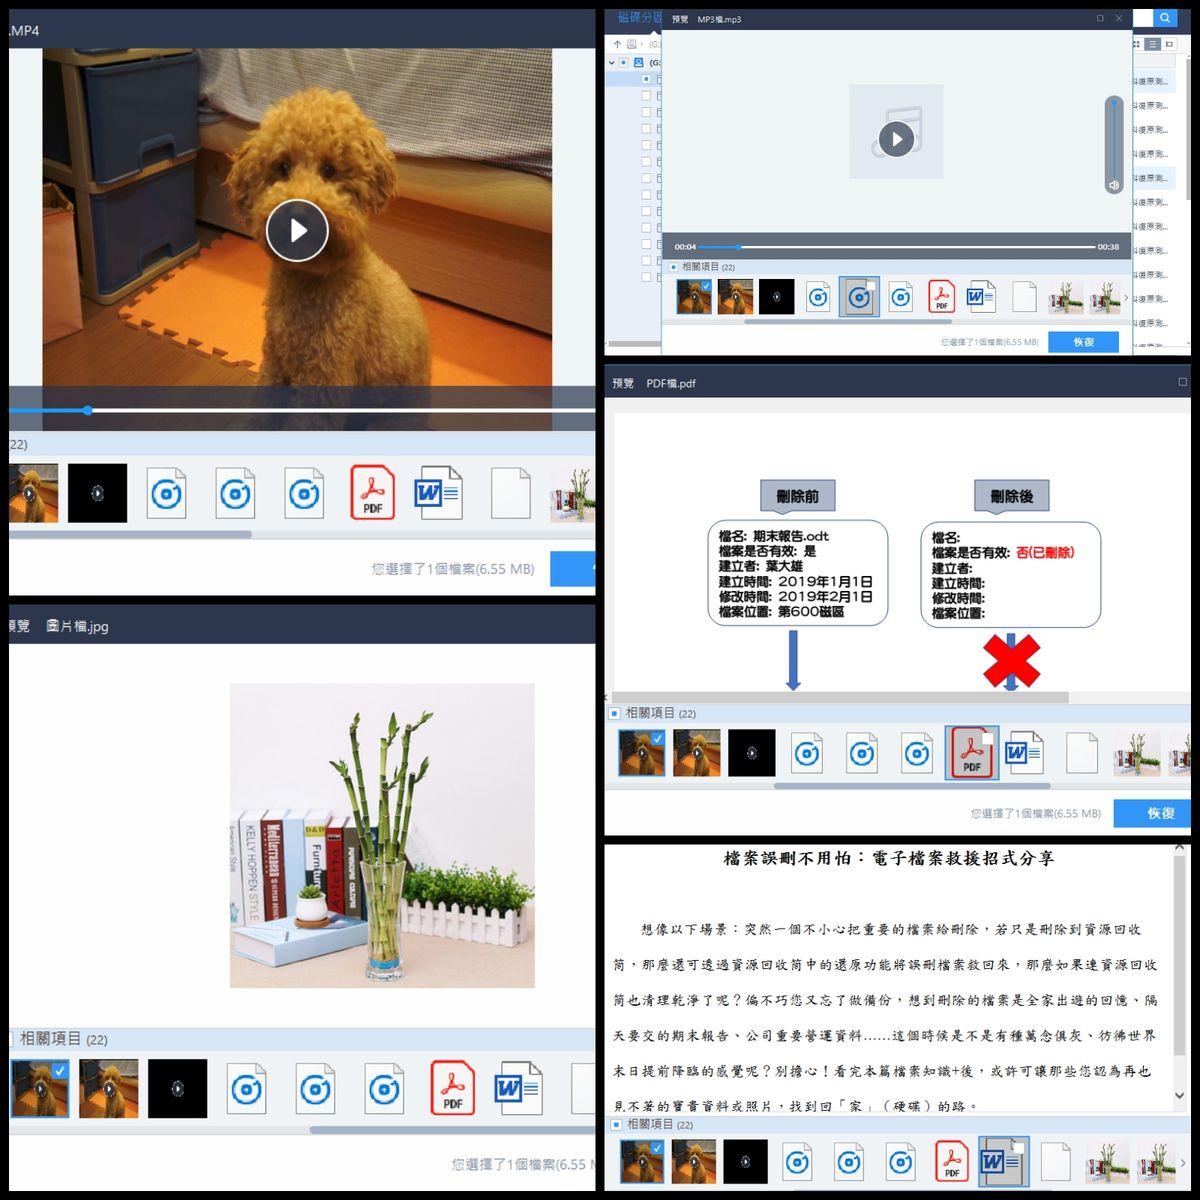 圖5 各類型救回檔案預覽(螢幕畫面)